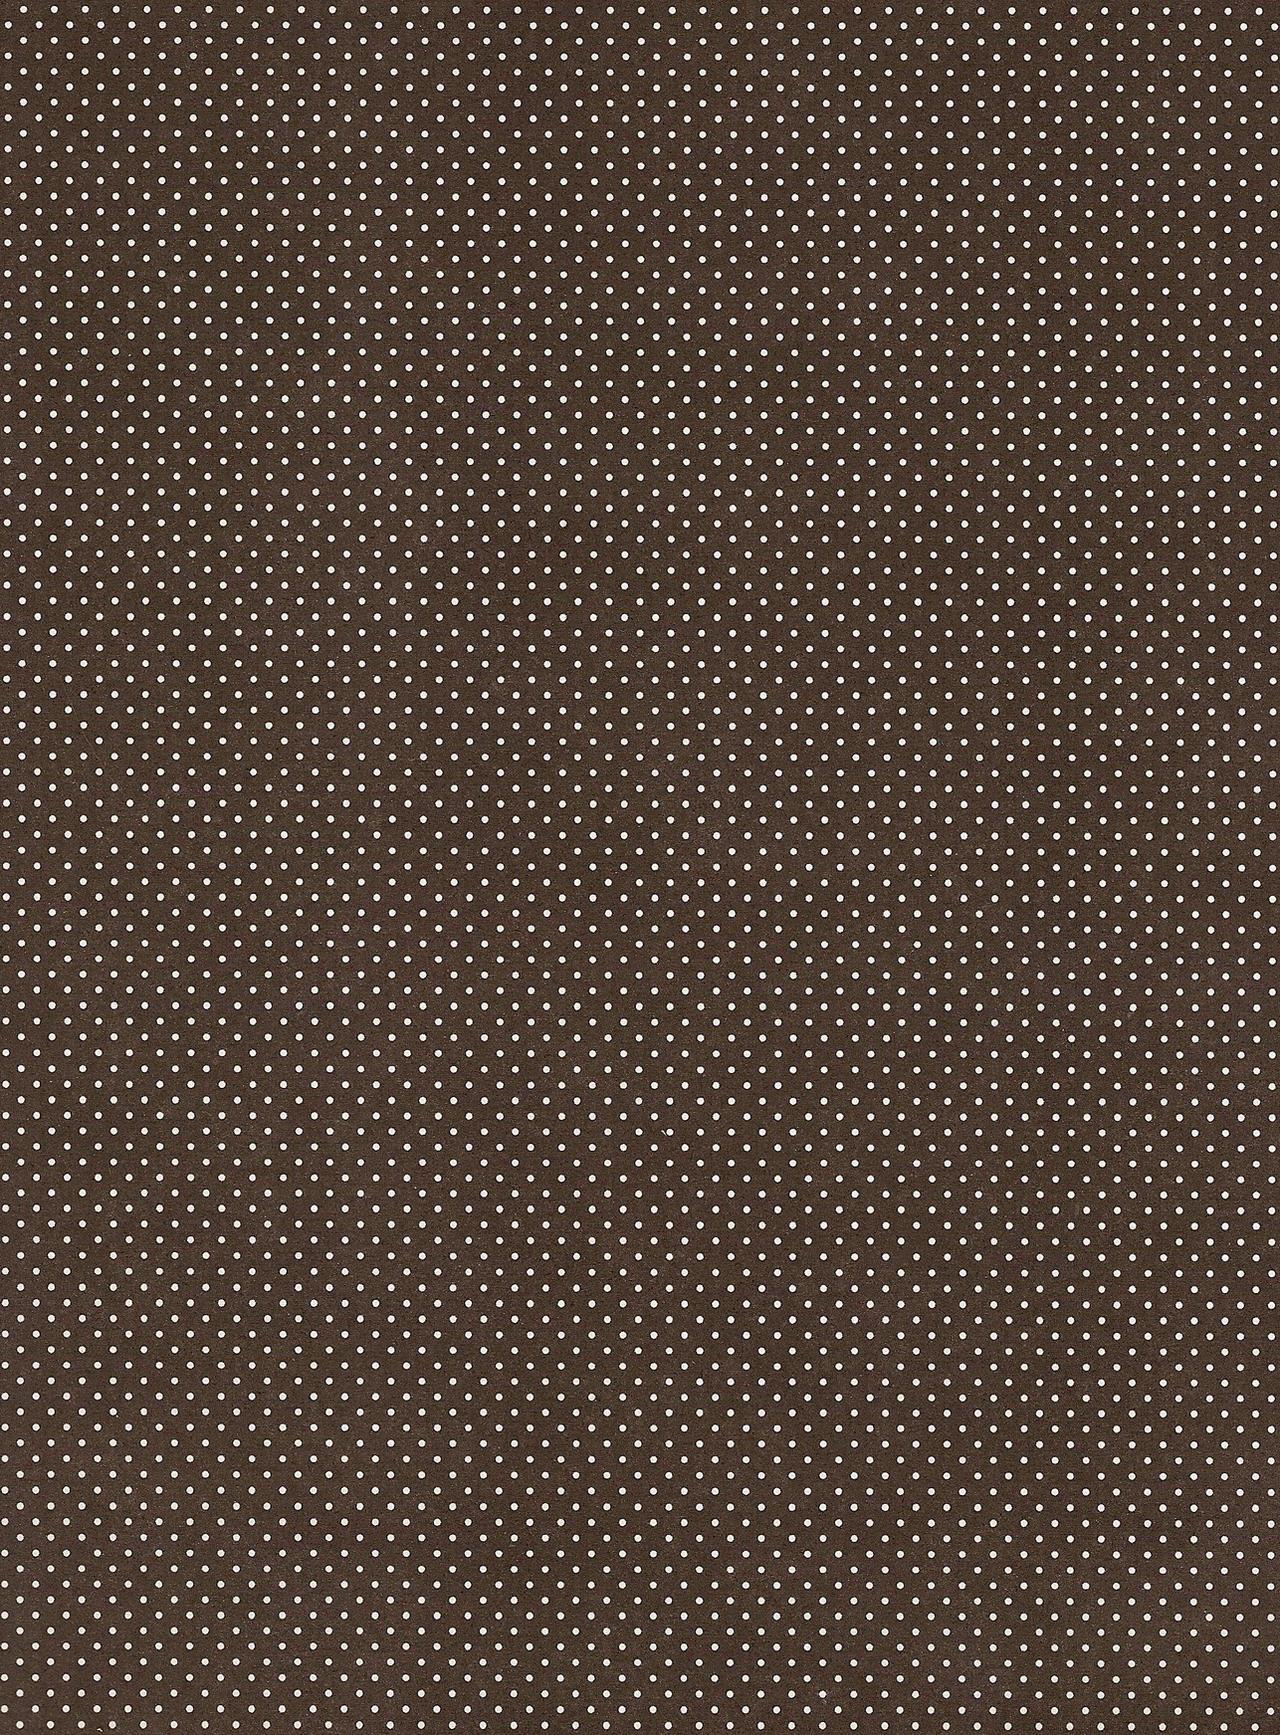 B+W Polka Dot Circle Pattern by Enchantedgal-Stock